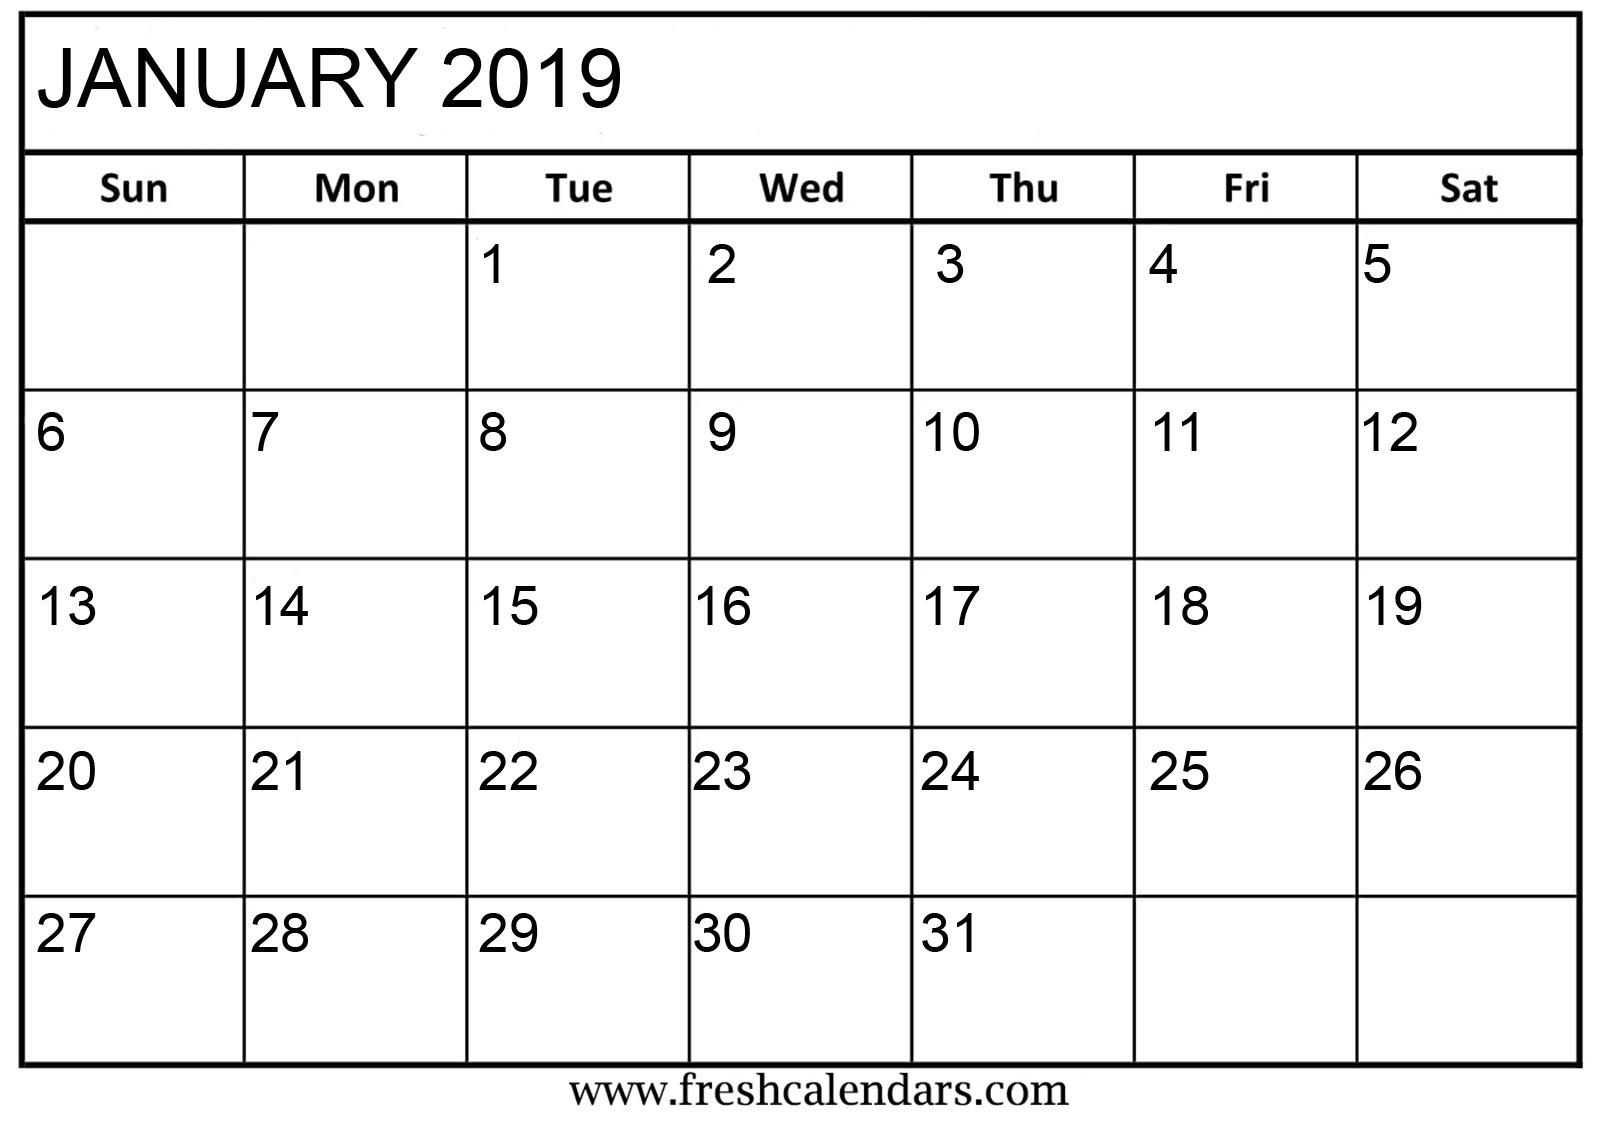 Printable Calendar by Month 2019